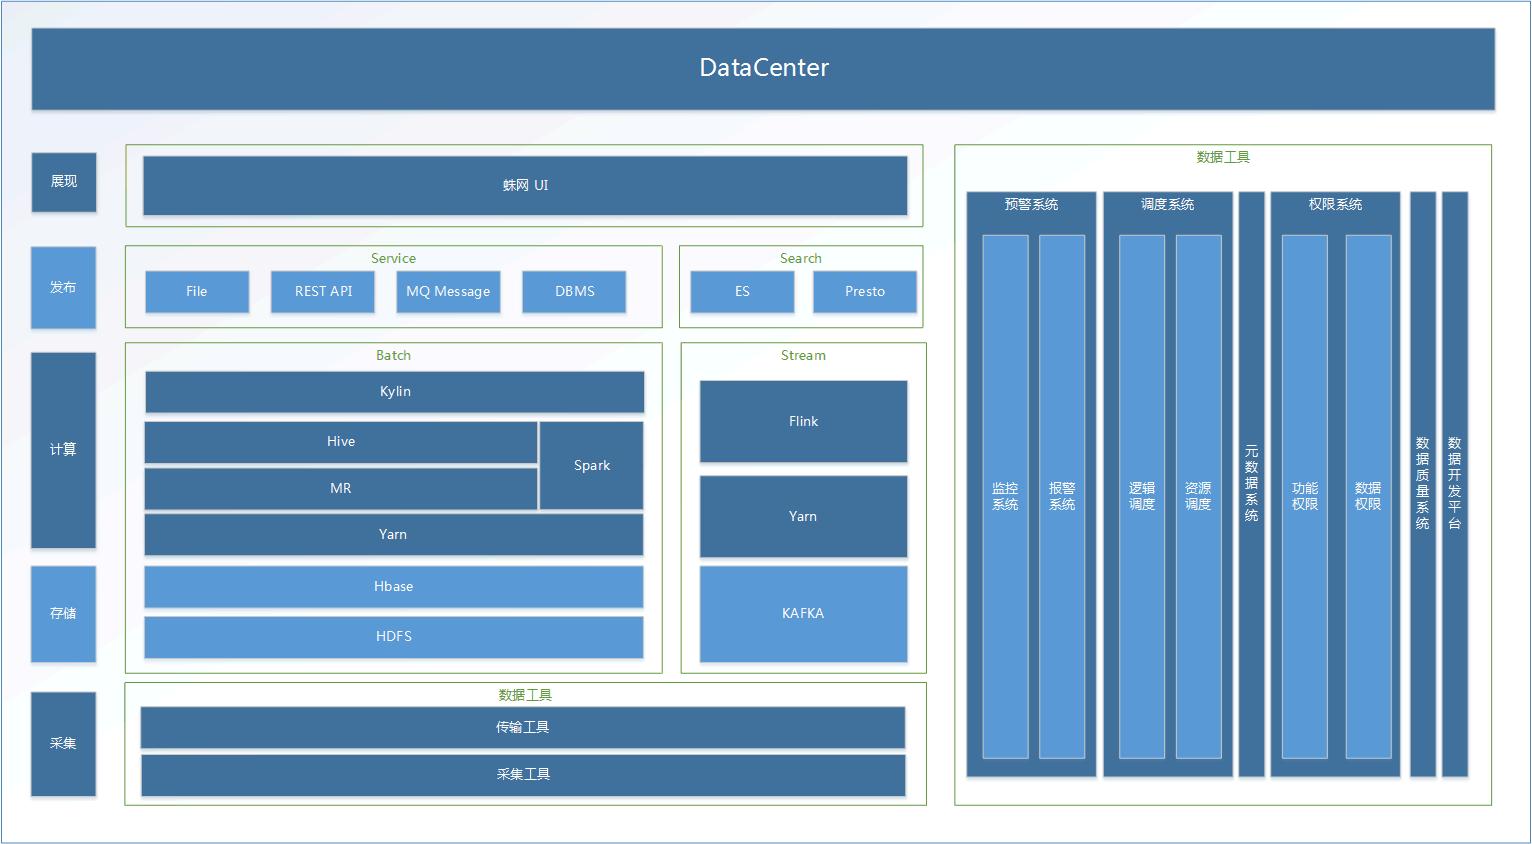 DataCenter架构图